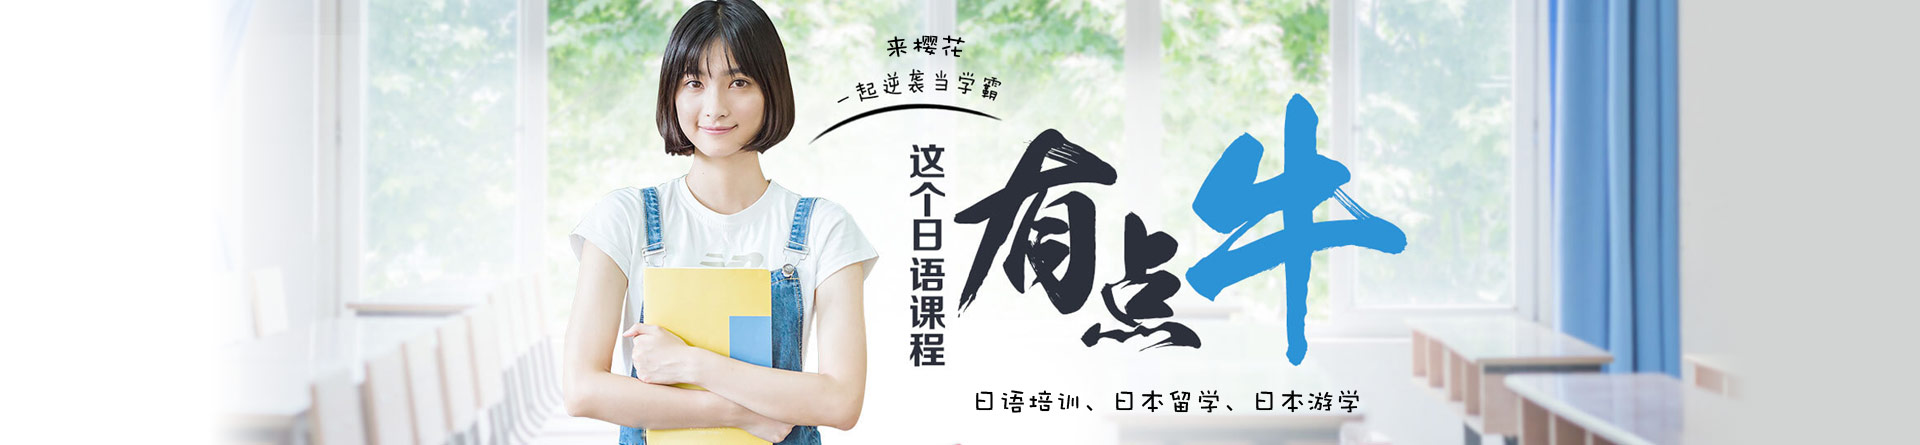 温州樱花国际日语培训学校